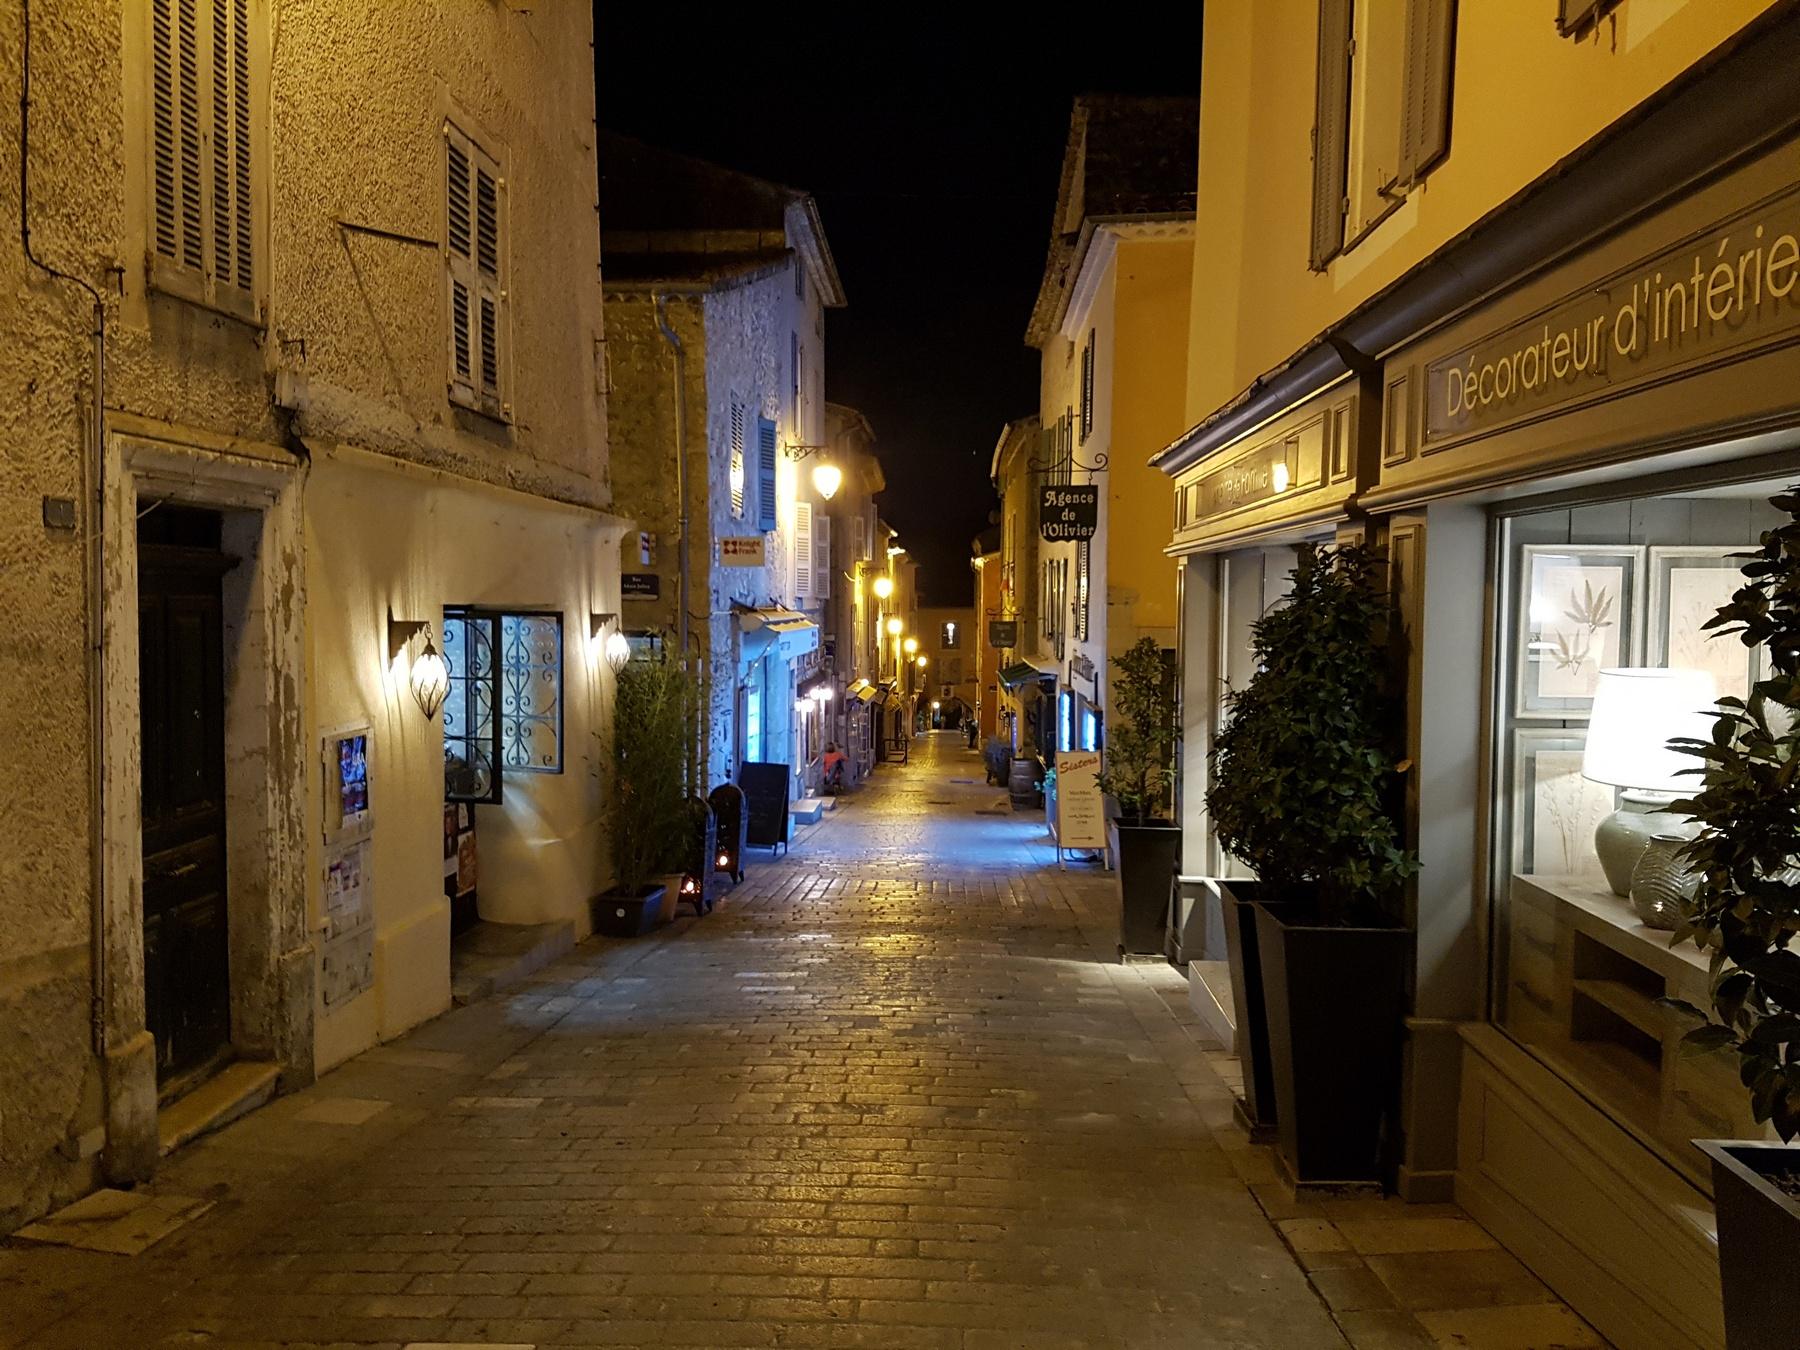 Valbonne Village Alpes Maritimes Cote d'Azur